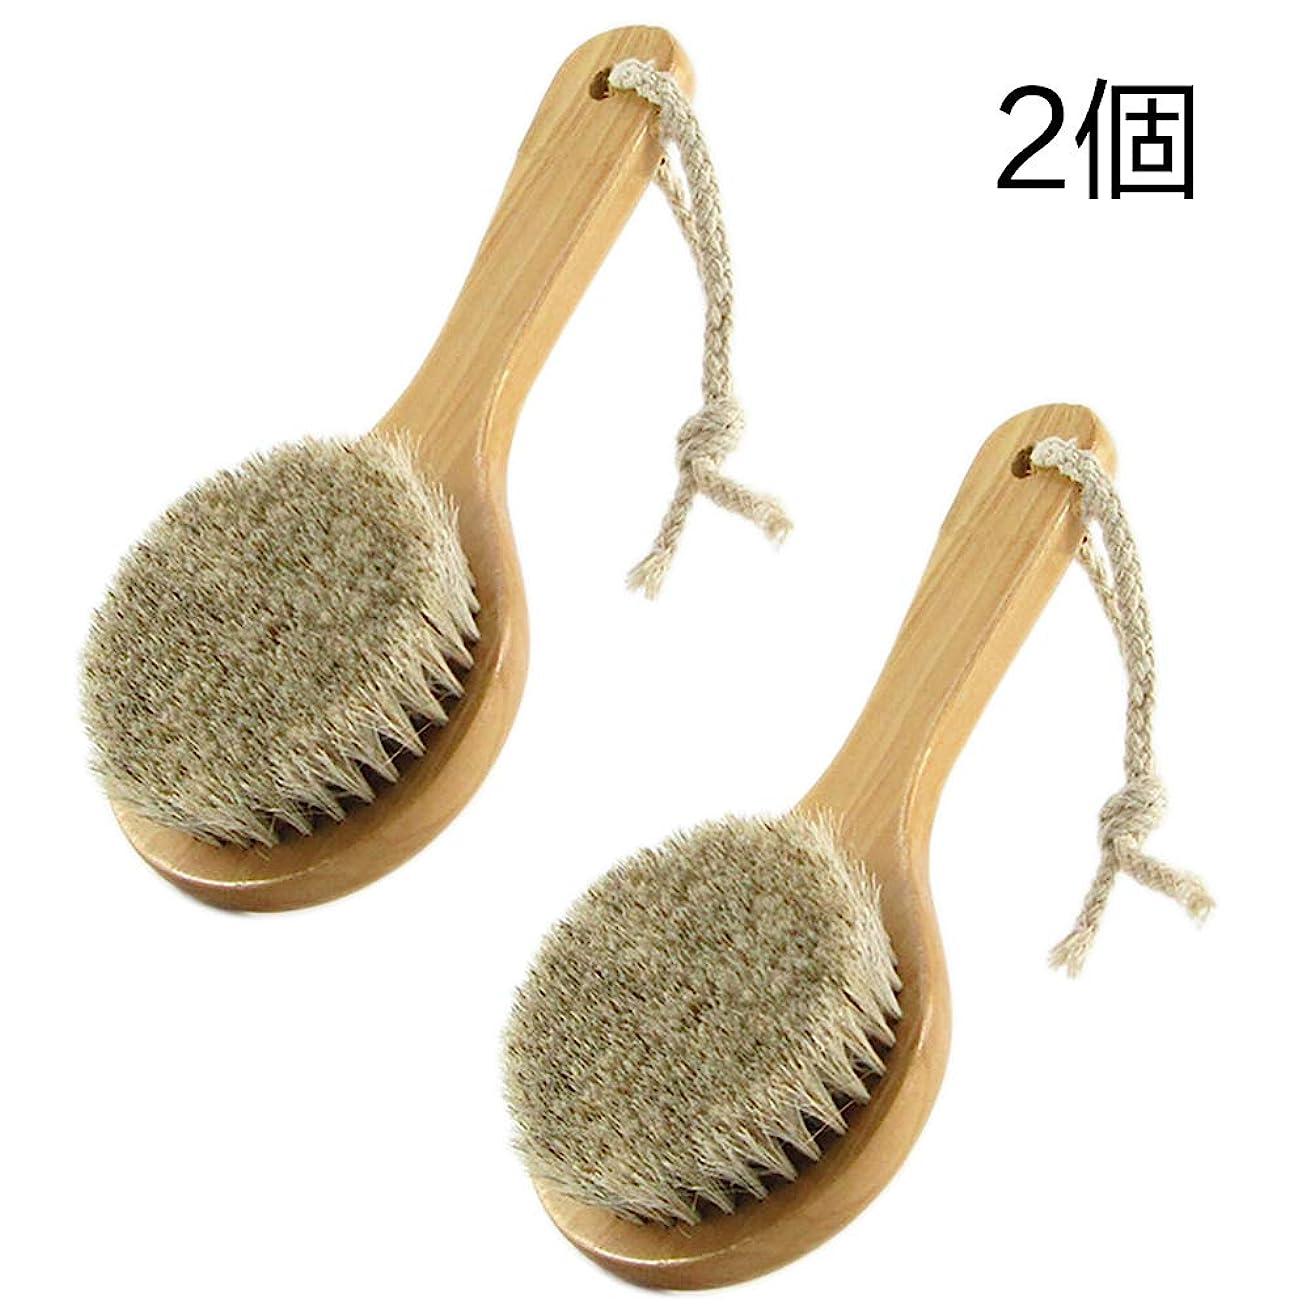 正気委託パパ2個 馬毛ボディブラシ 木製 短柄 足を洗う お風呂用 体洗い 女性 角質除去 柔らかい 美肌 (馬毛ボディブラシ)